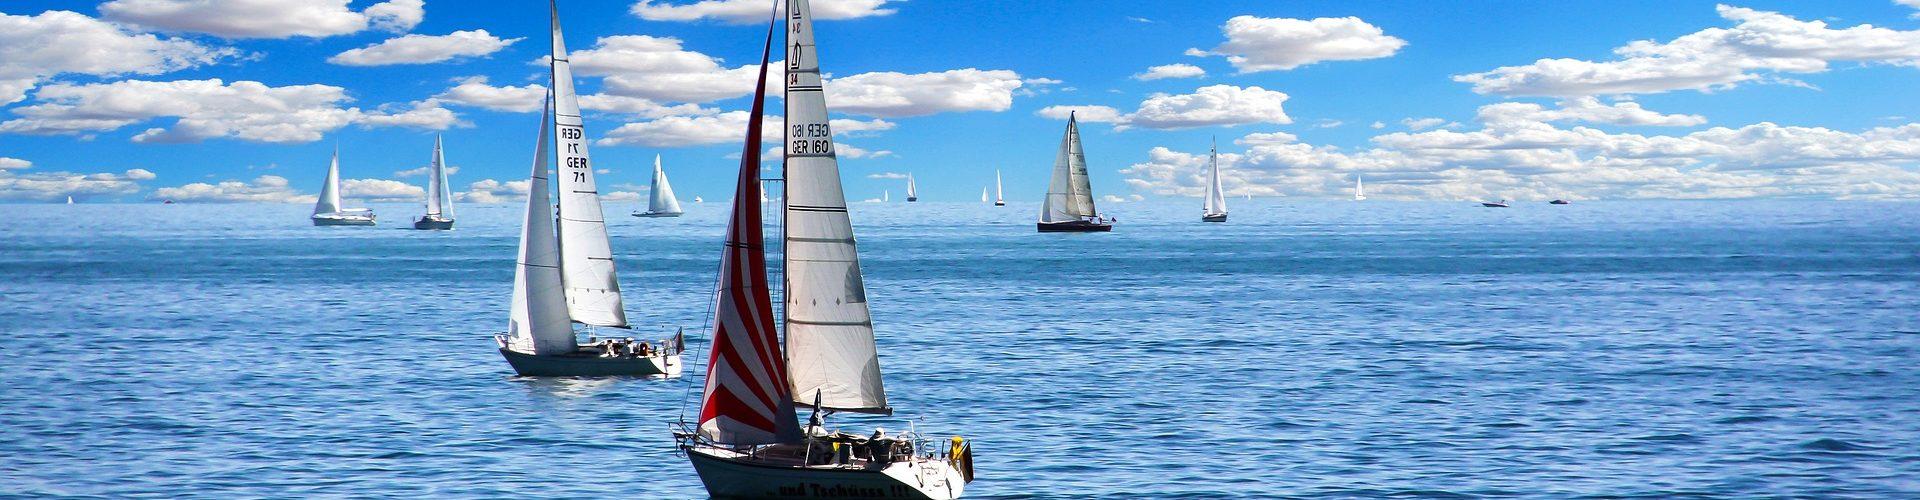 segeln lernen in Rheinstetten segelschein machen in Rheinstetten 1920x500 - Segeln lernen in Rheinstetten